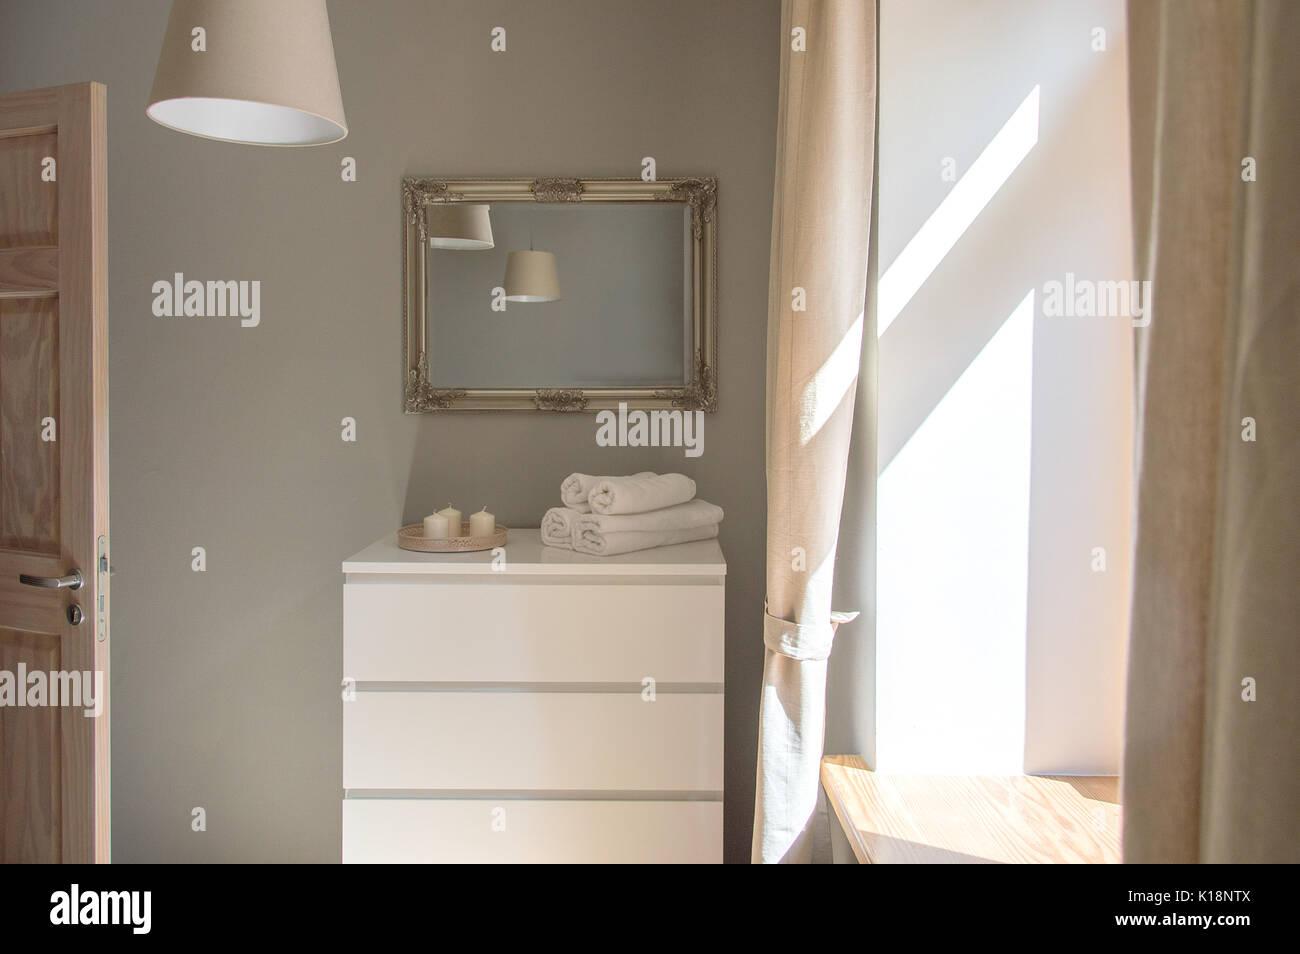 Im skandinavischen Stil an die Gestaltung des Innenraums ein kleines ...